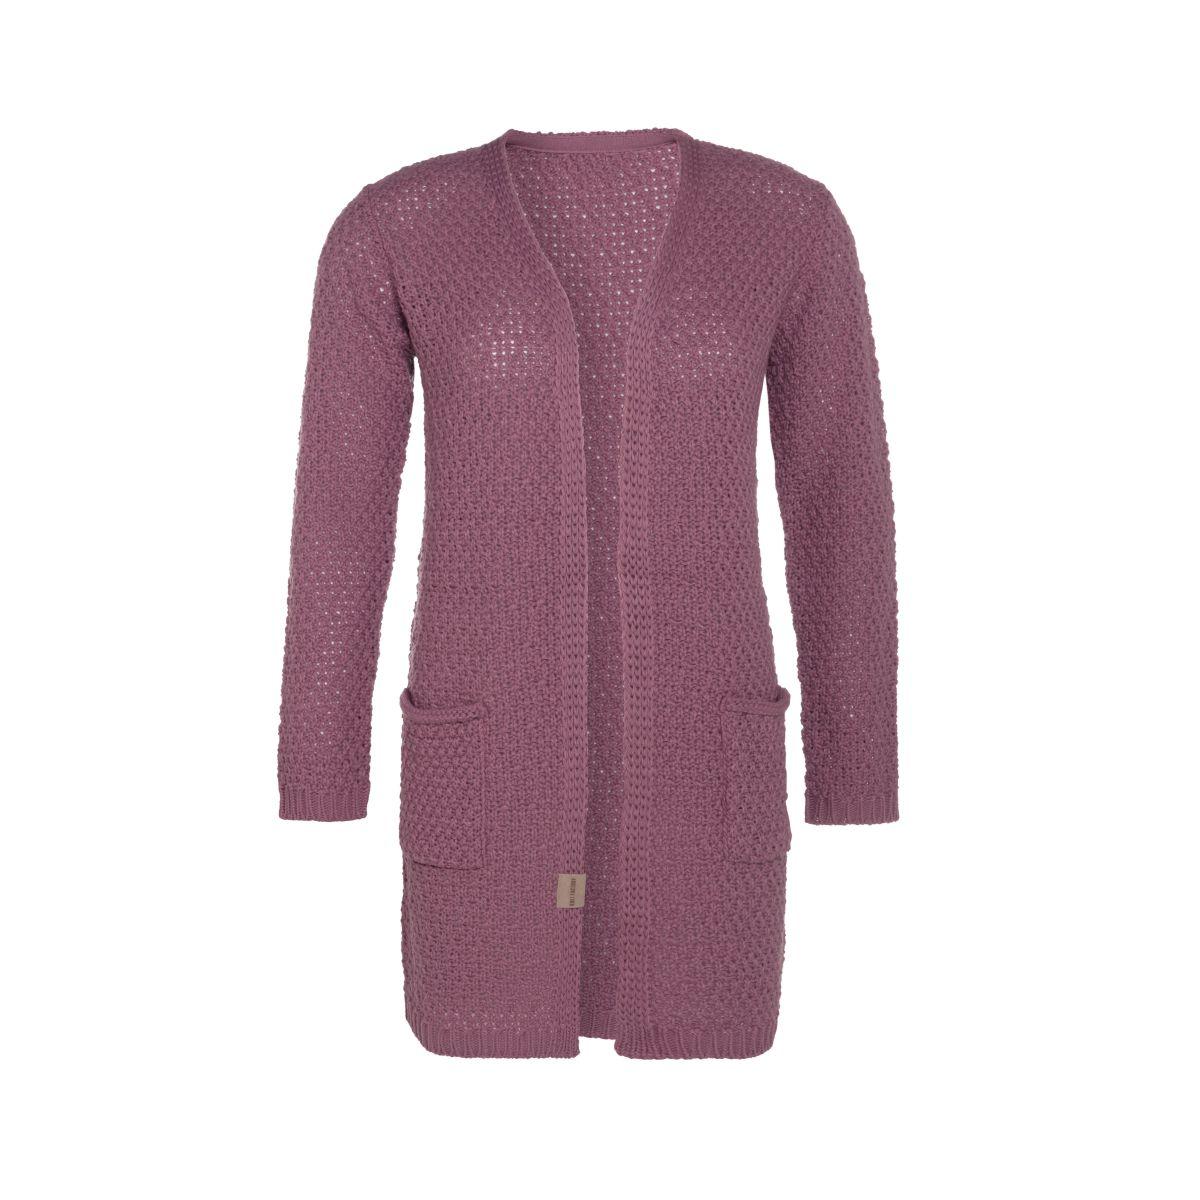 knit factory kf13308102749 luna vest lila 3638 1